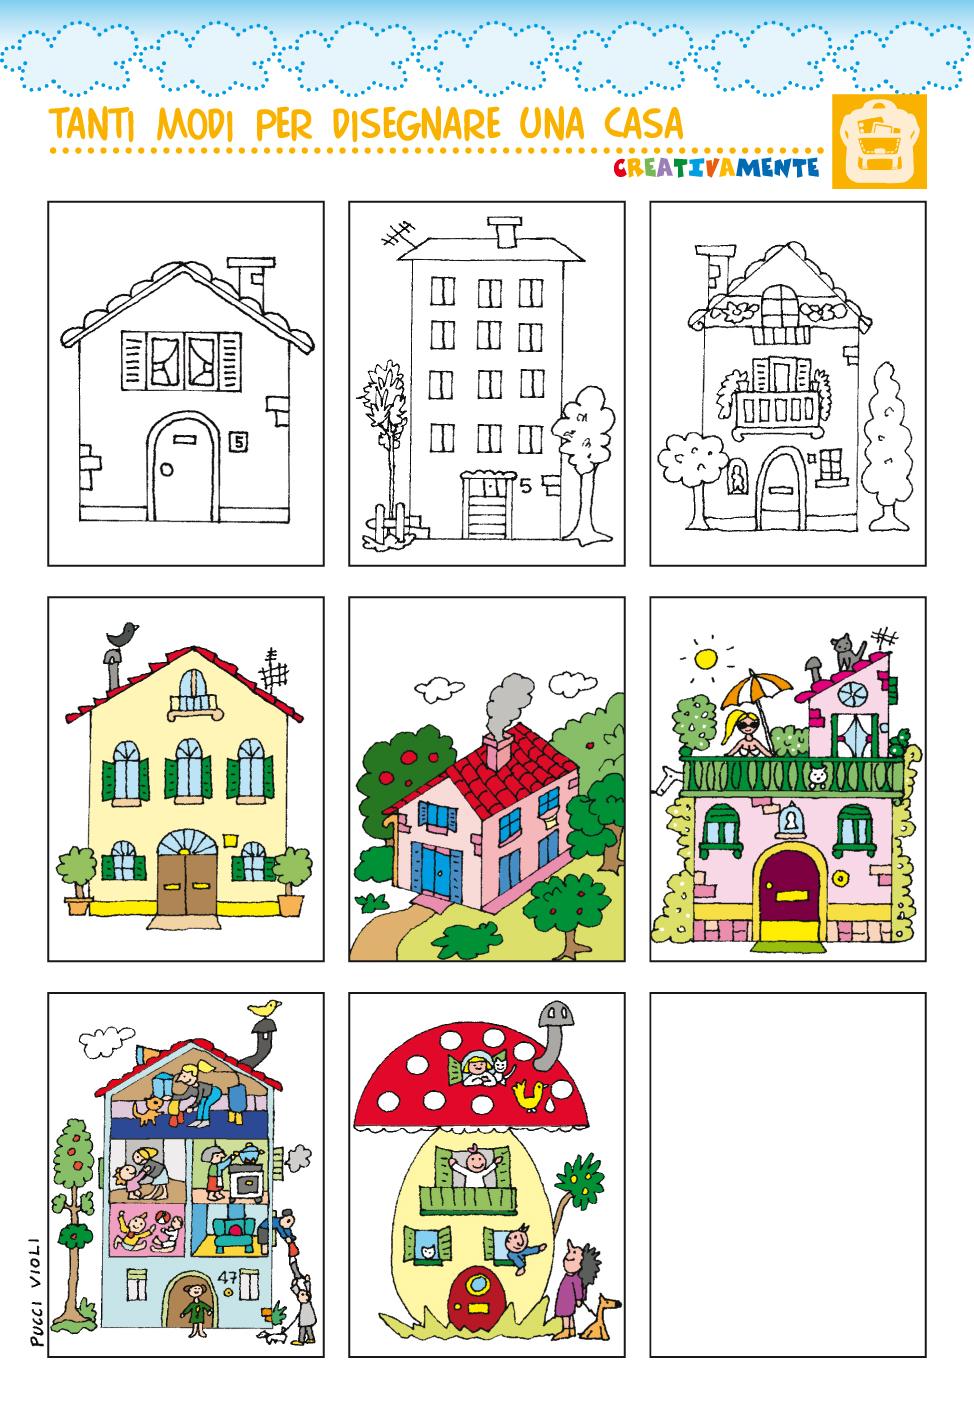 Vivacemente con il cuore e con la mente for Disegnare piantina casa gratis